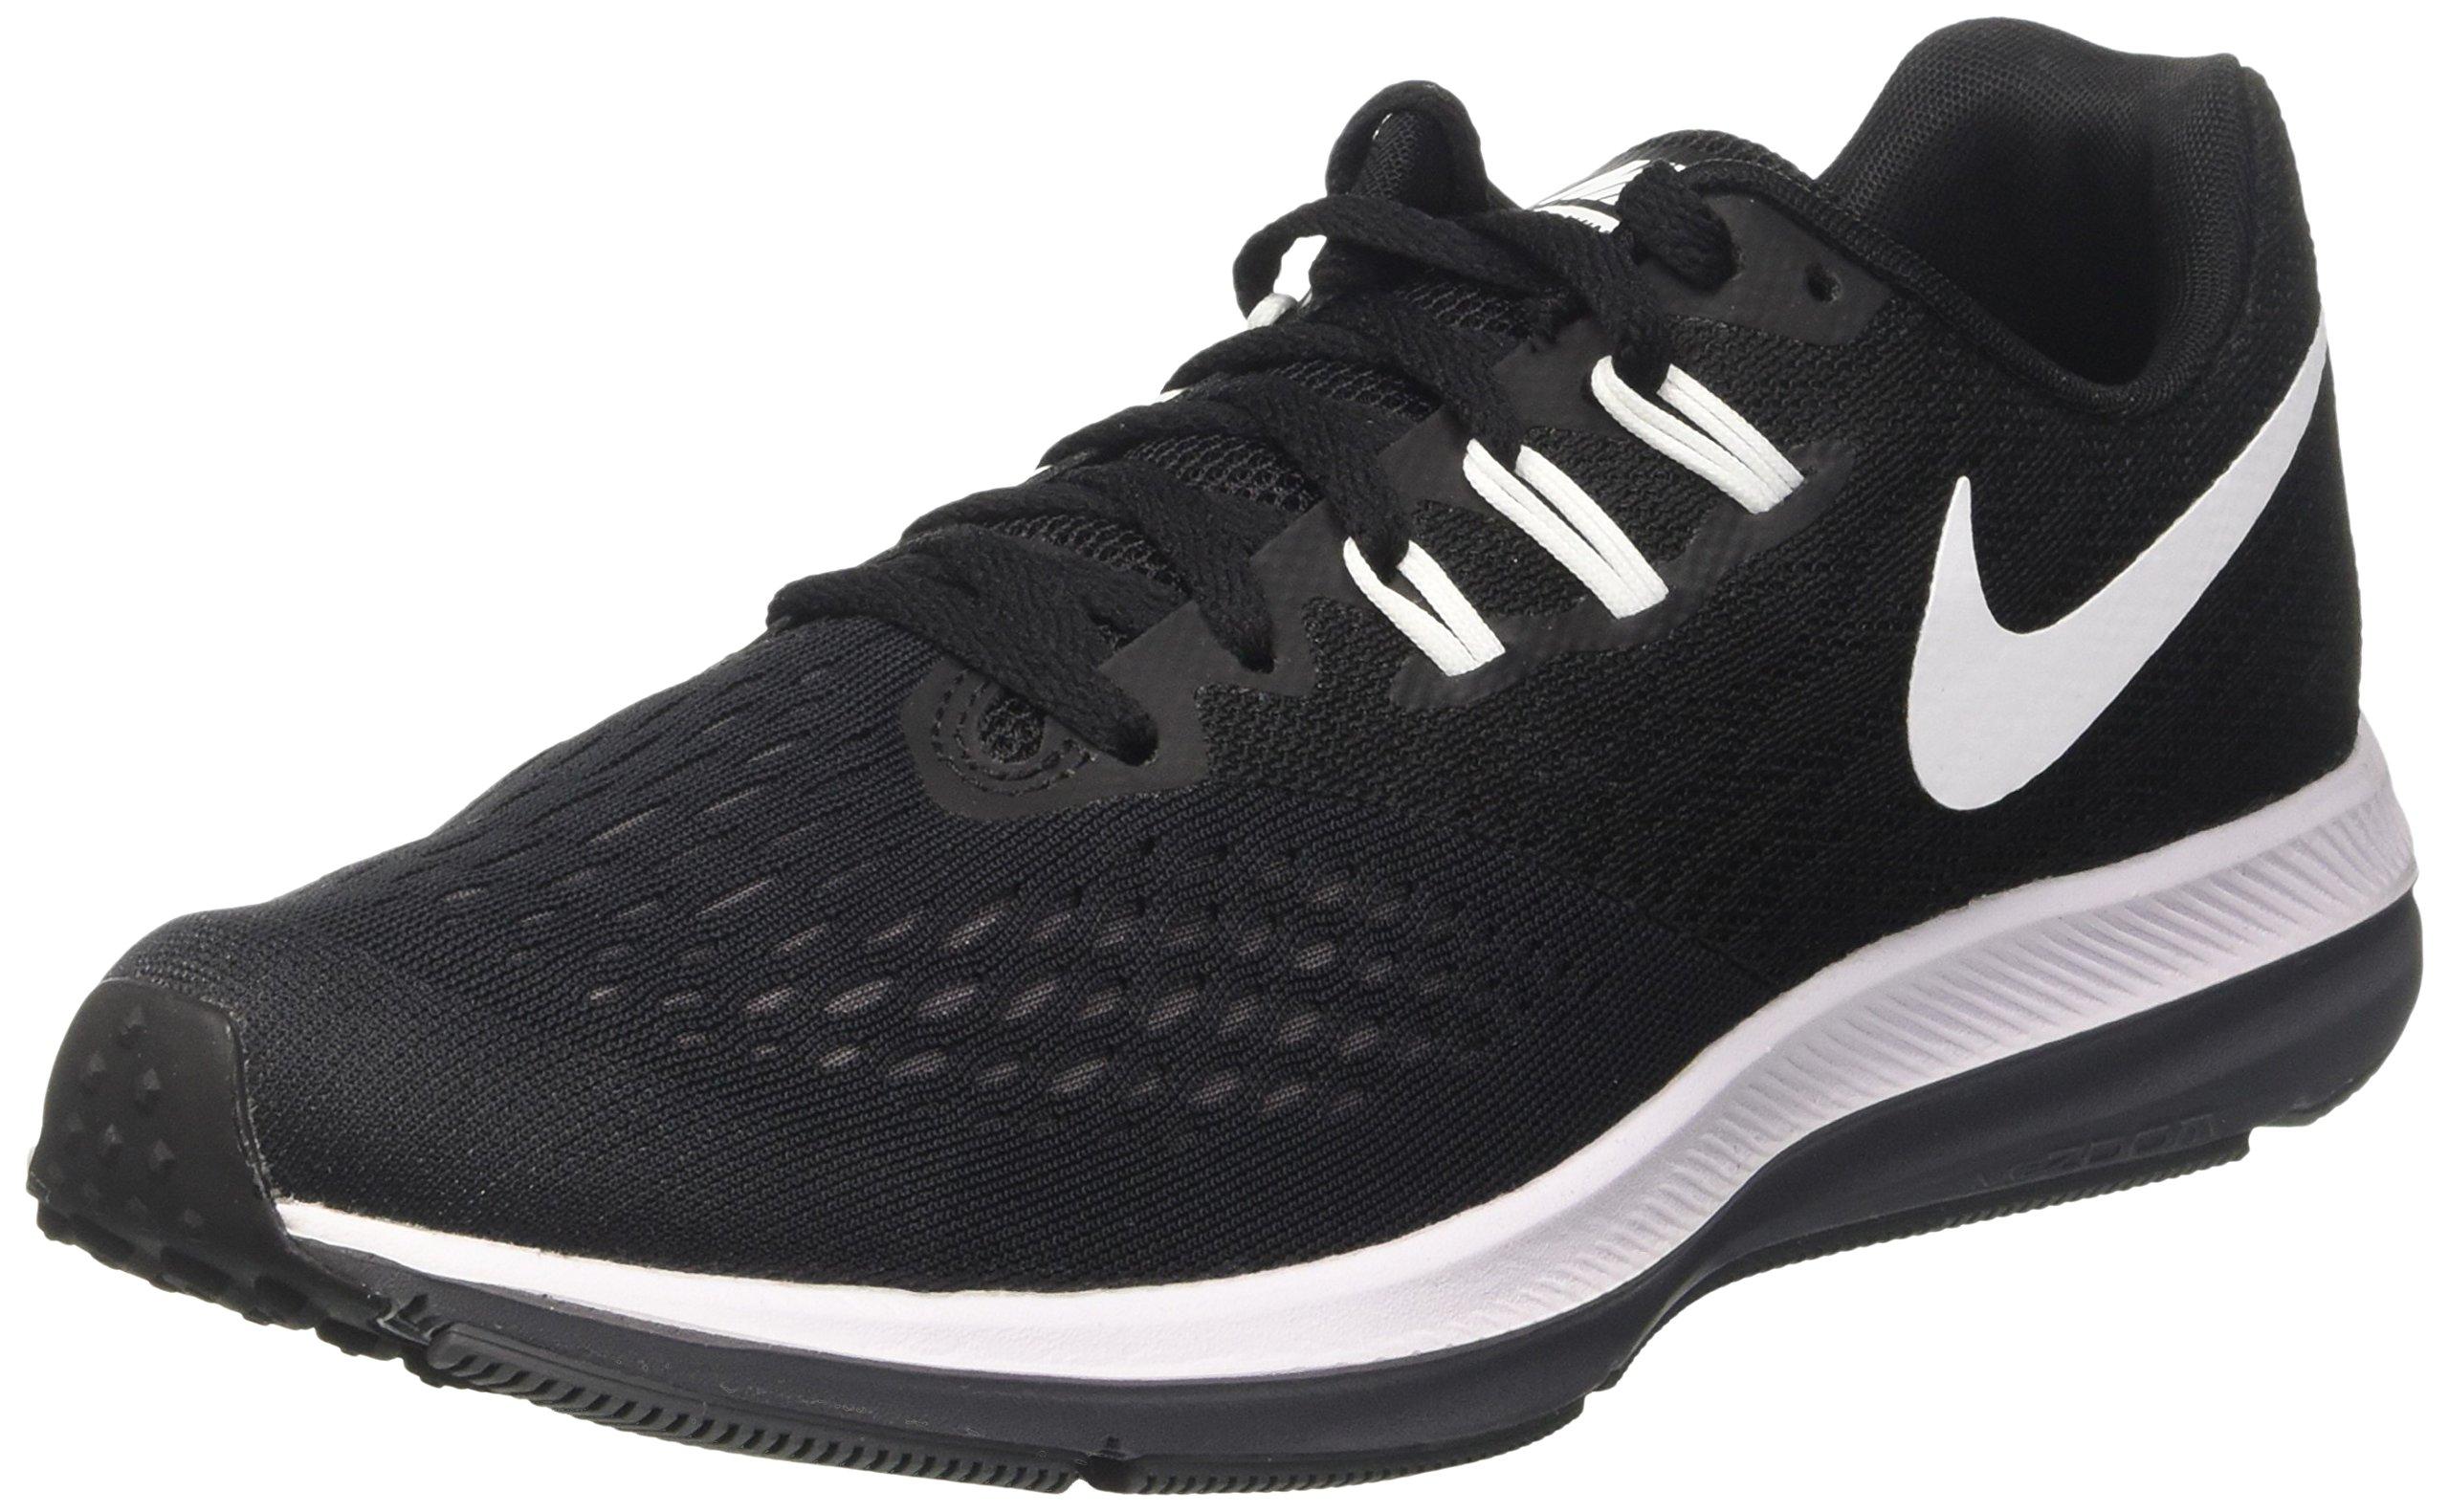 9122003482ed Galleon - Nike Men s Air Zoom Winflo 4 Running Shoe Black White Dark Grey  (10)